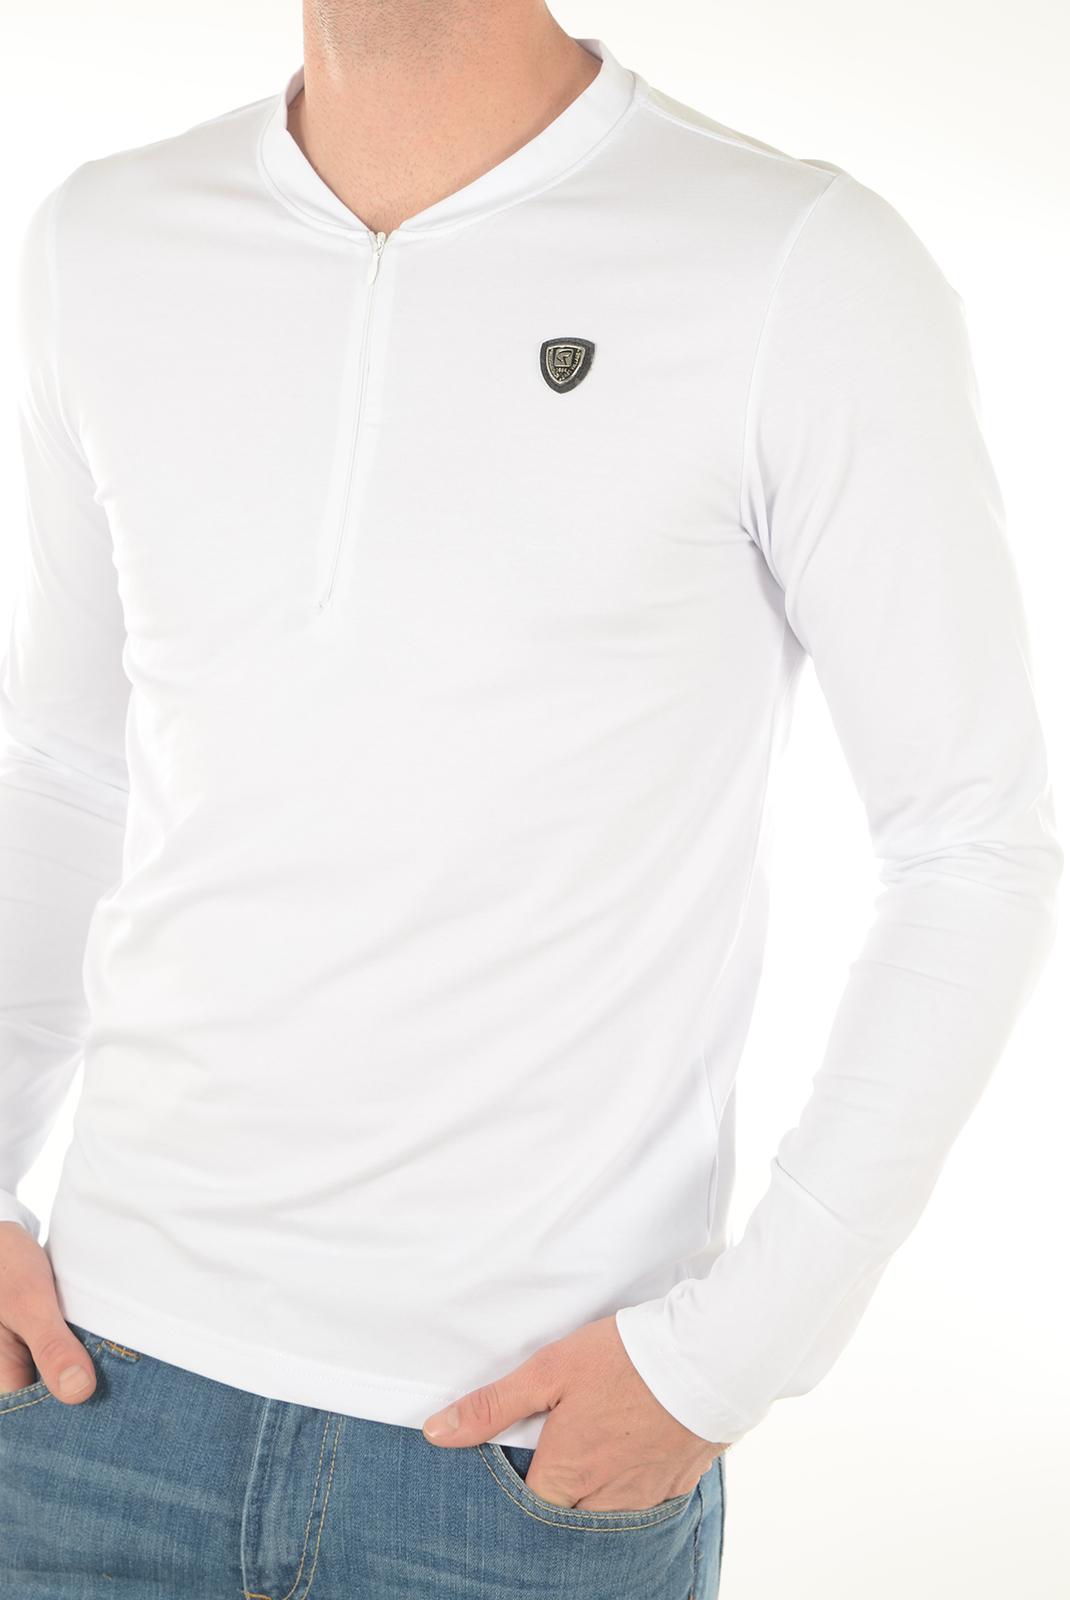 Tee-shirts  Redskins WOW WARNER H16 WHITE